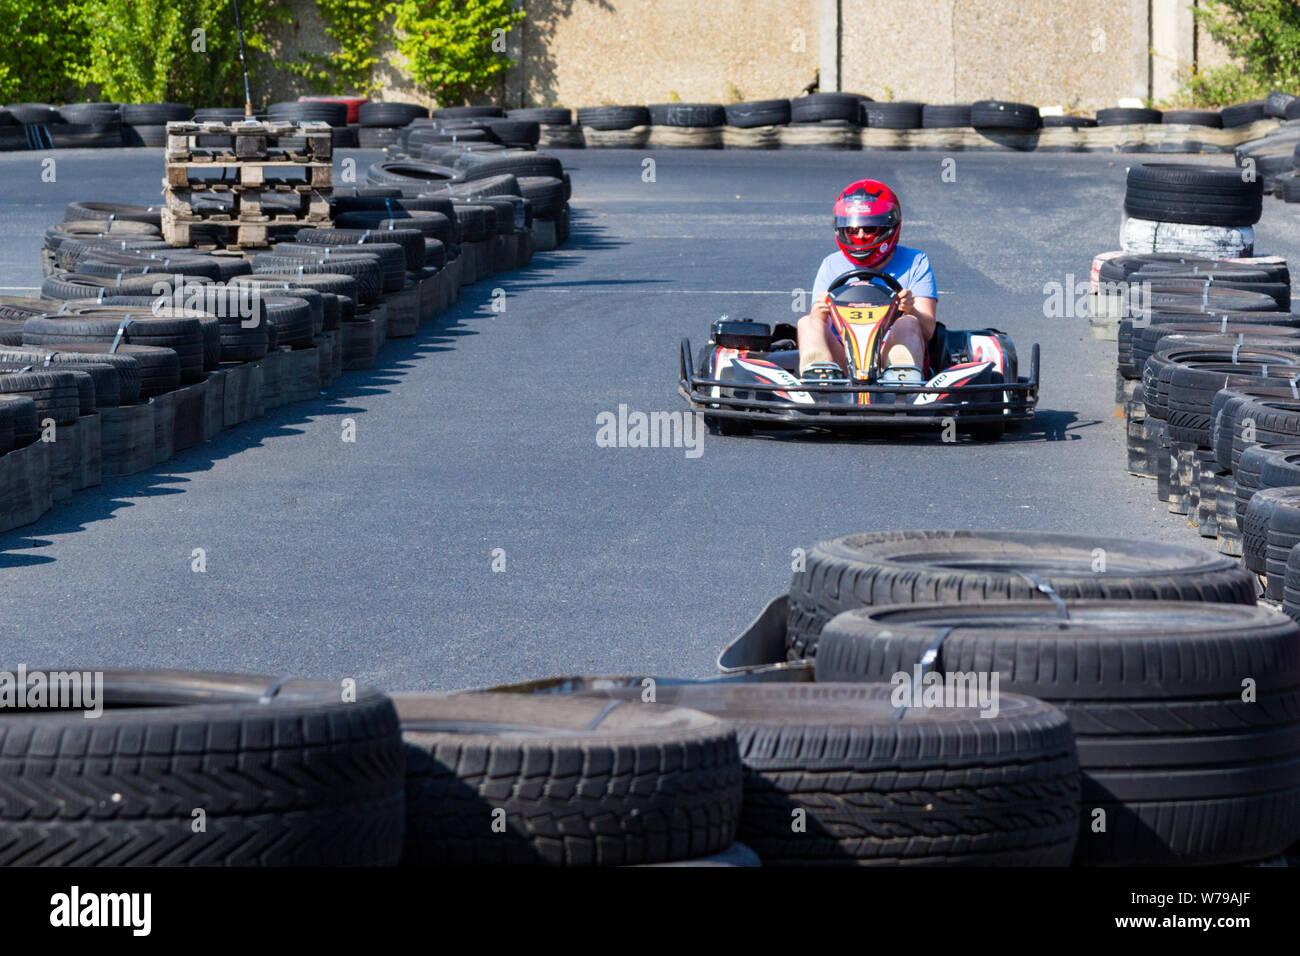 Young Racing Driver Stock Photos & Young Racing Driver Stock